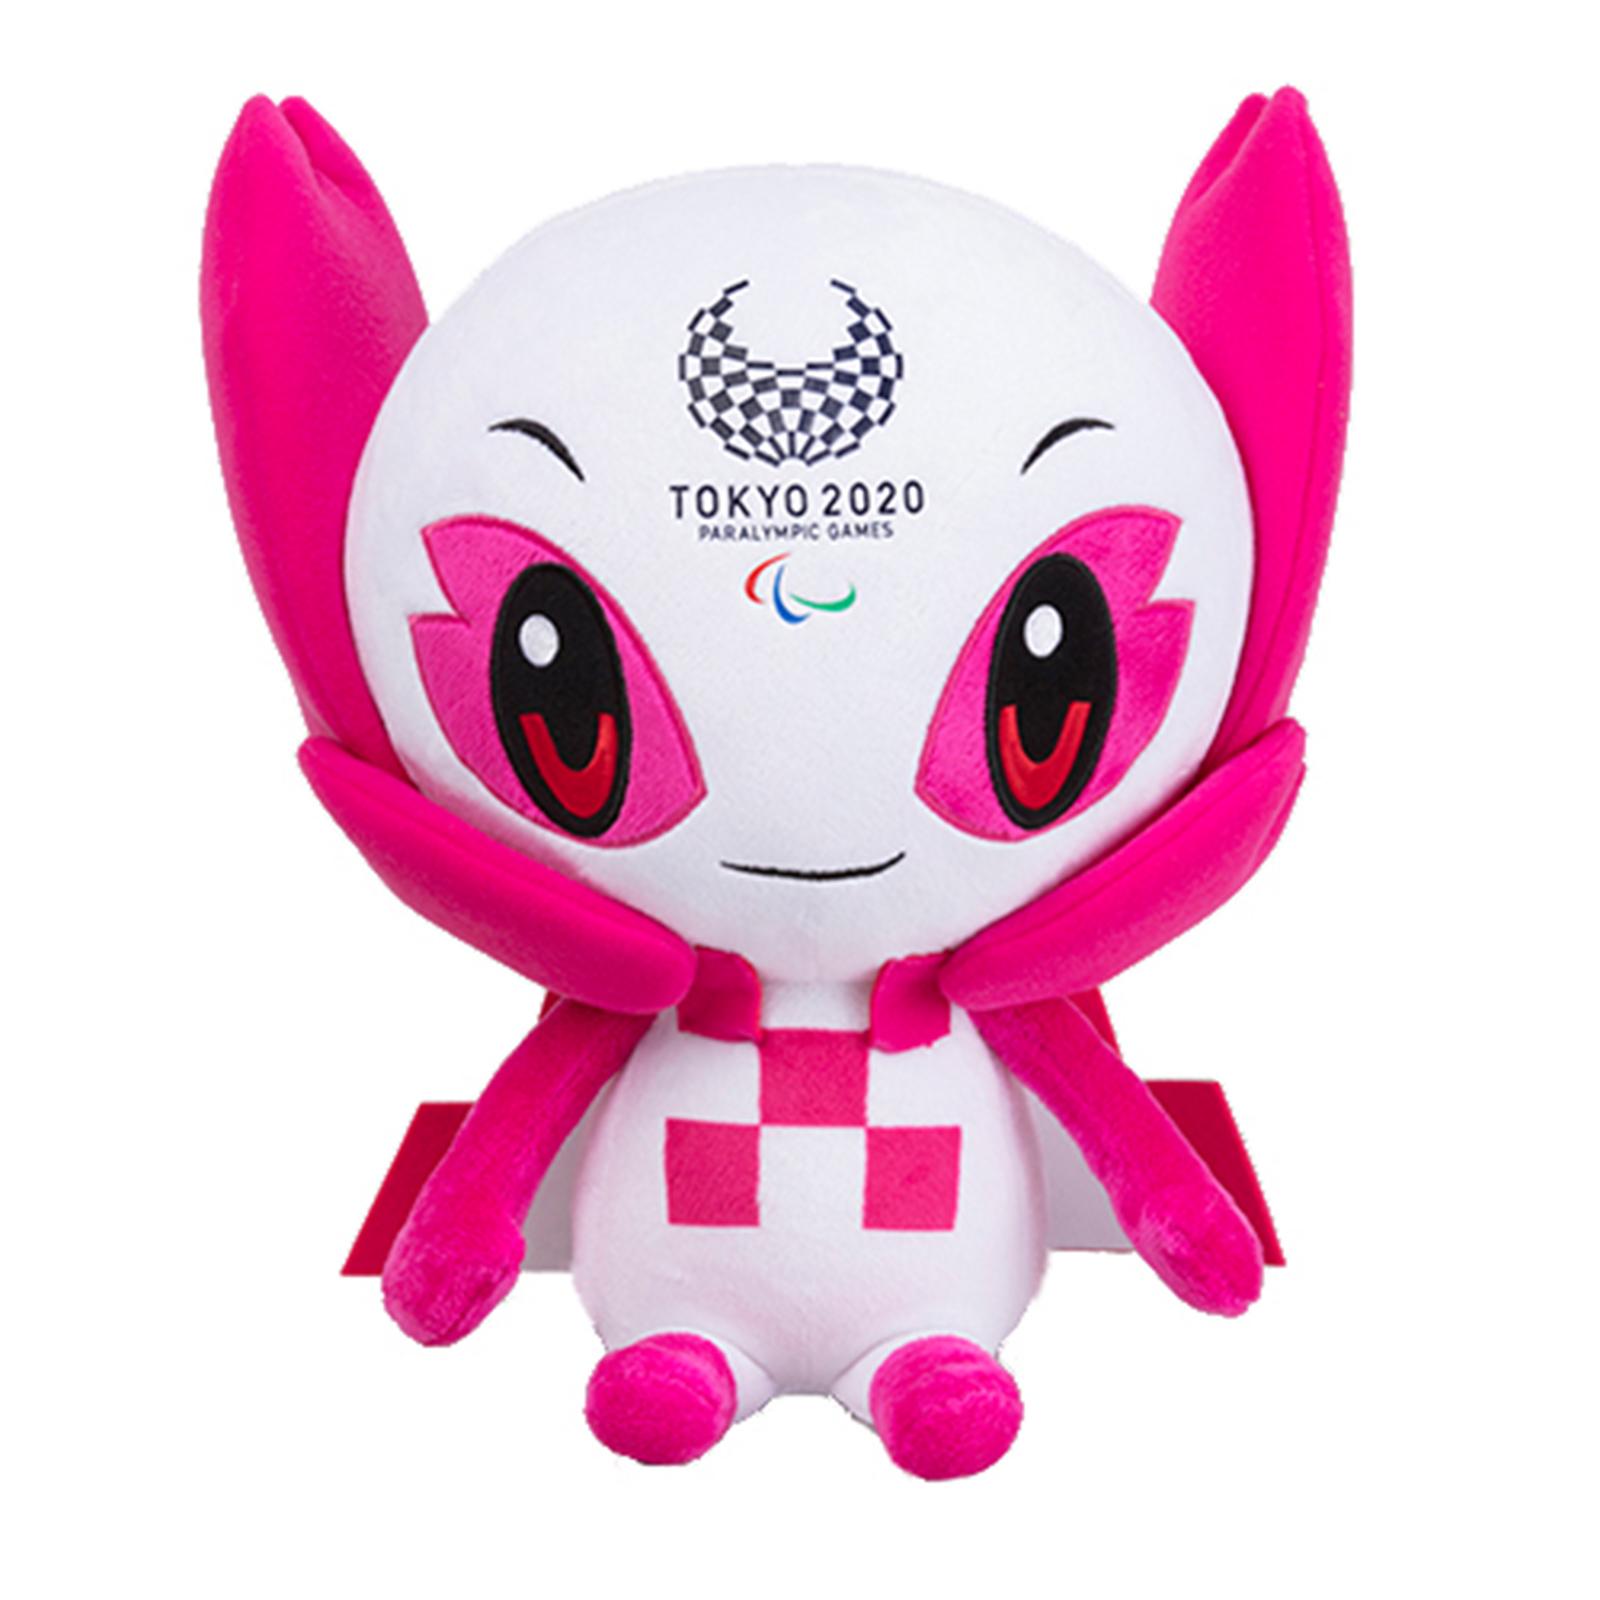 東京2020パラリンピックマスコットキャラクター ソメイティ のボリュームたっぷりのLサイズぬいぐるみです 東京2020 実物 ついに入荷 パラリンピック マスコット SOMEITY Lサイズ ぬいぐるみ